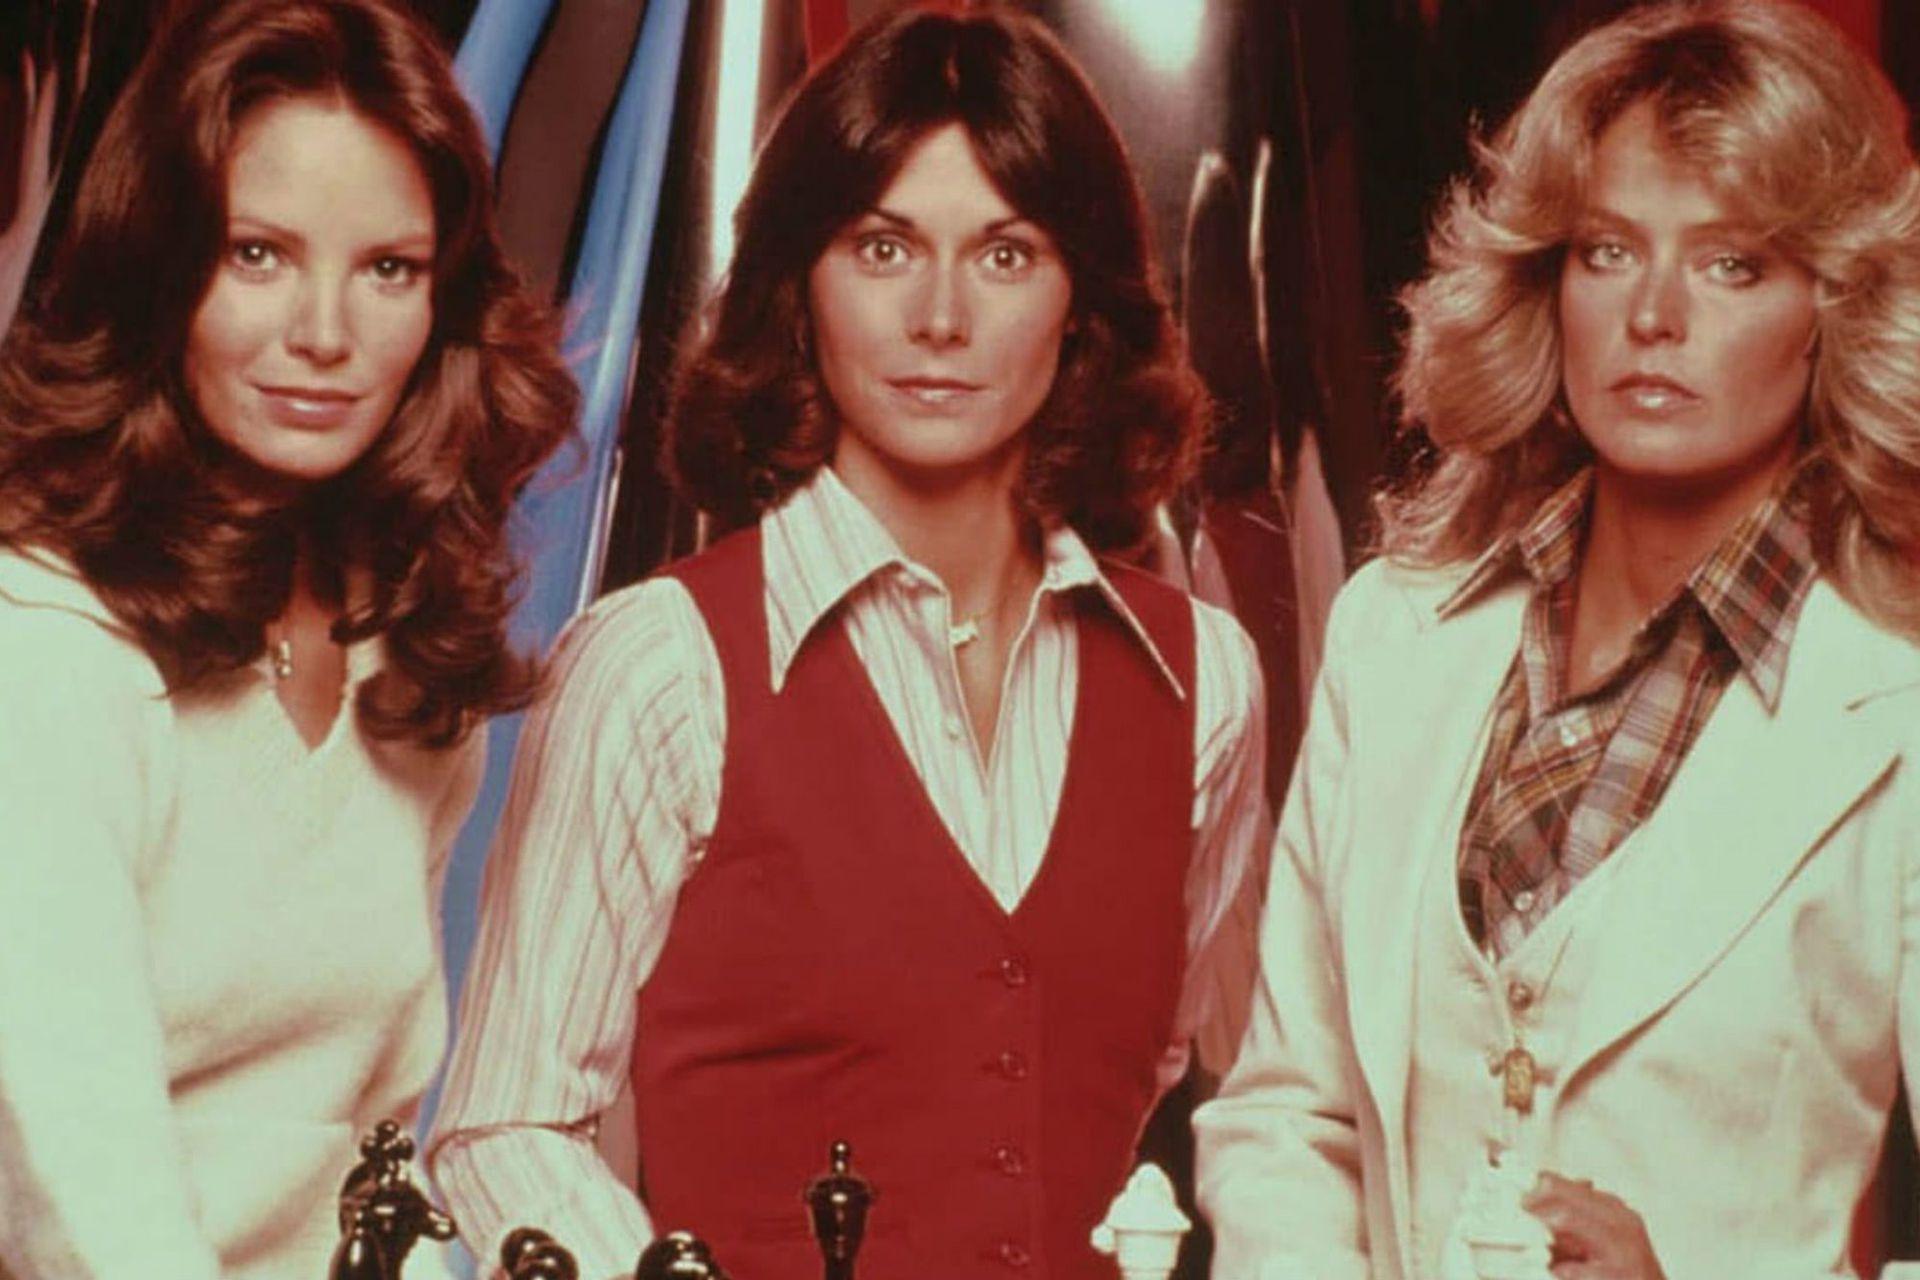 El elenco original de la serie estaba integrado por Jaclyn Smith, Kate Jackson y Farrah Fawcett.